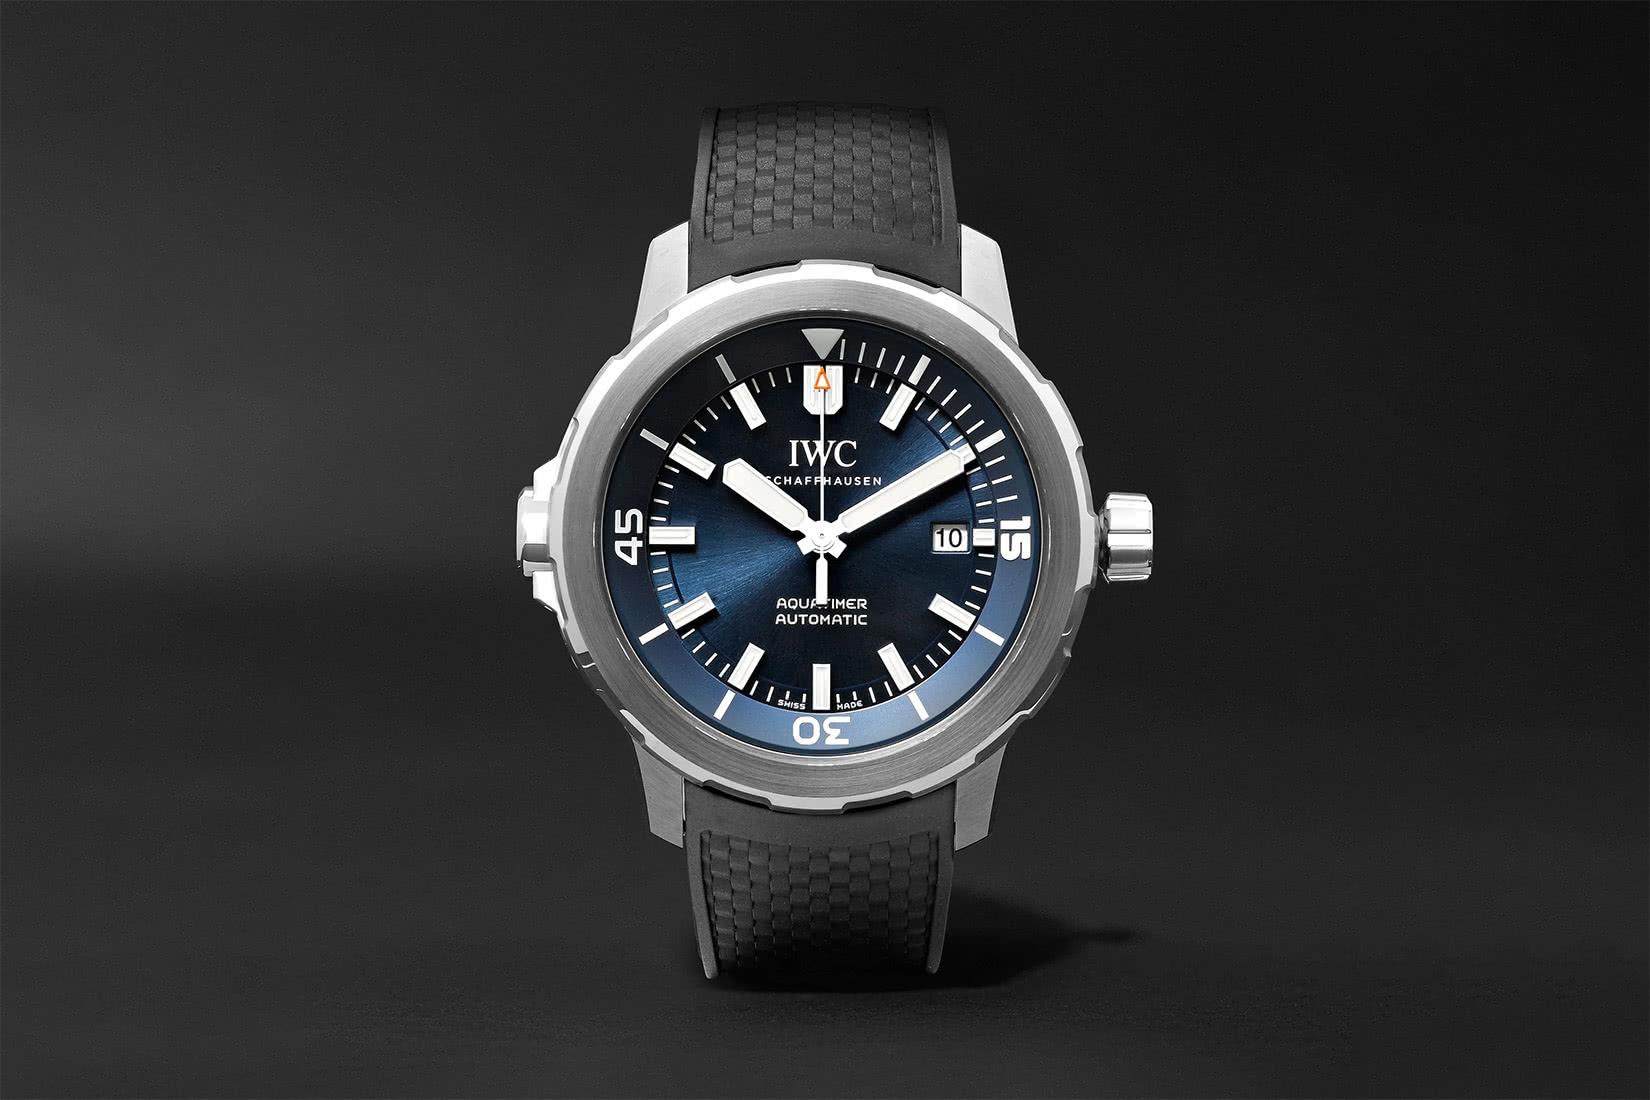 best men watch IWC aquatimer review - Luxe Digital